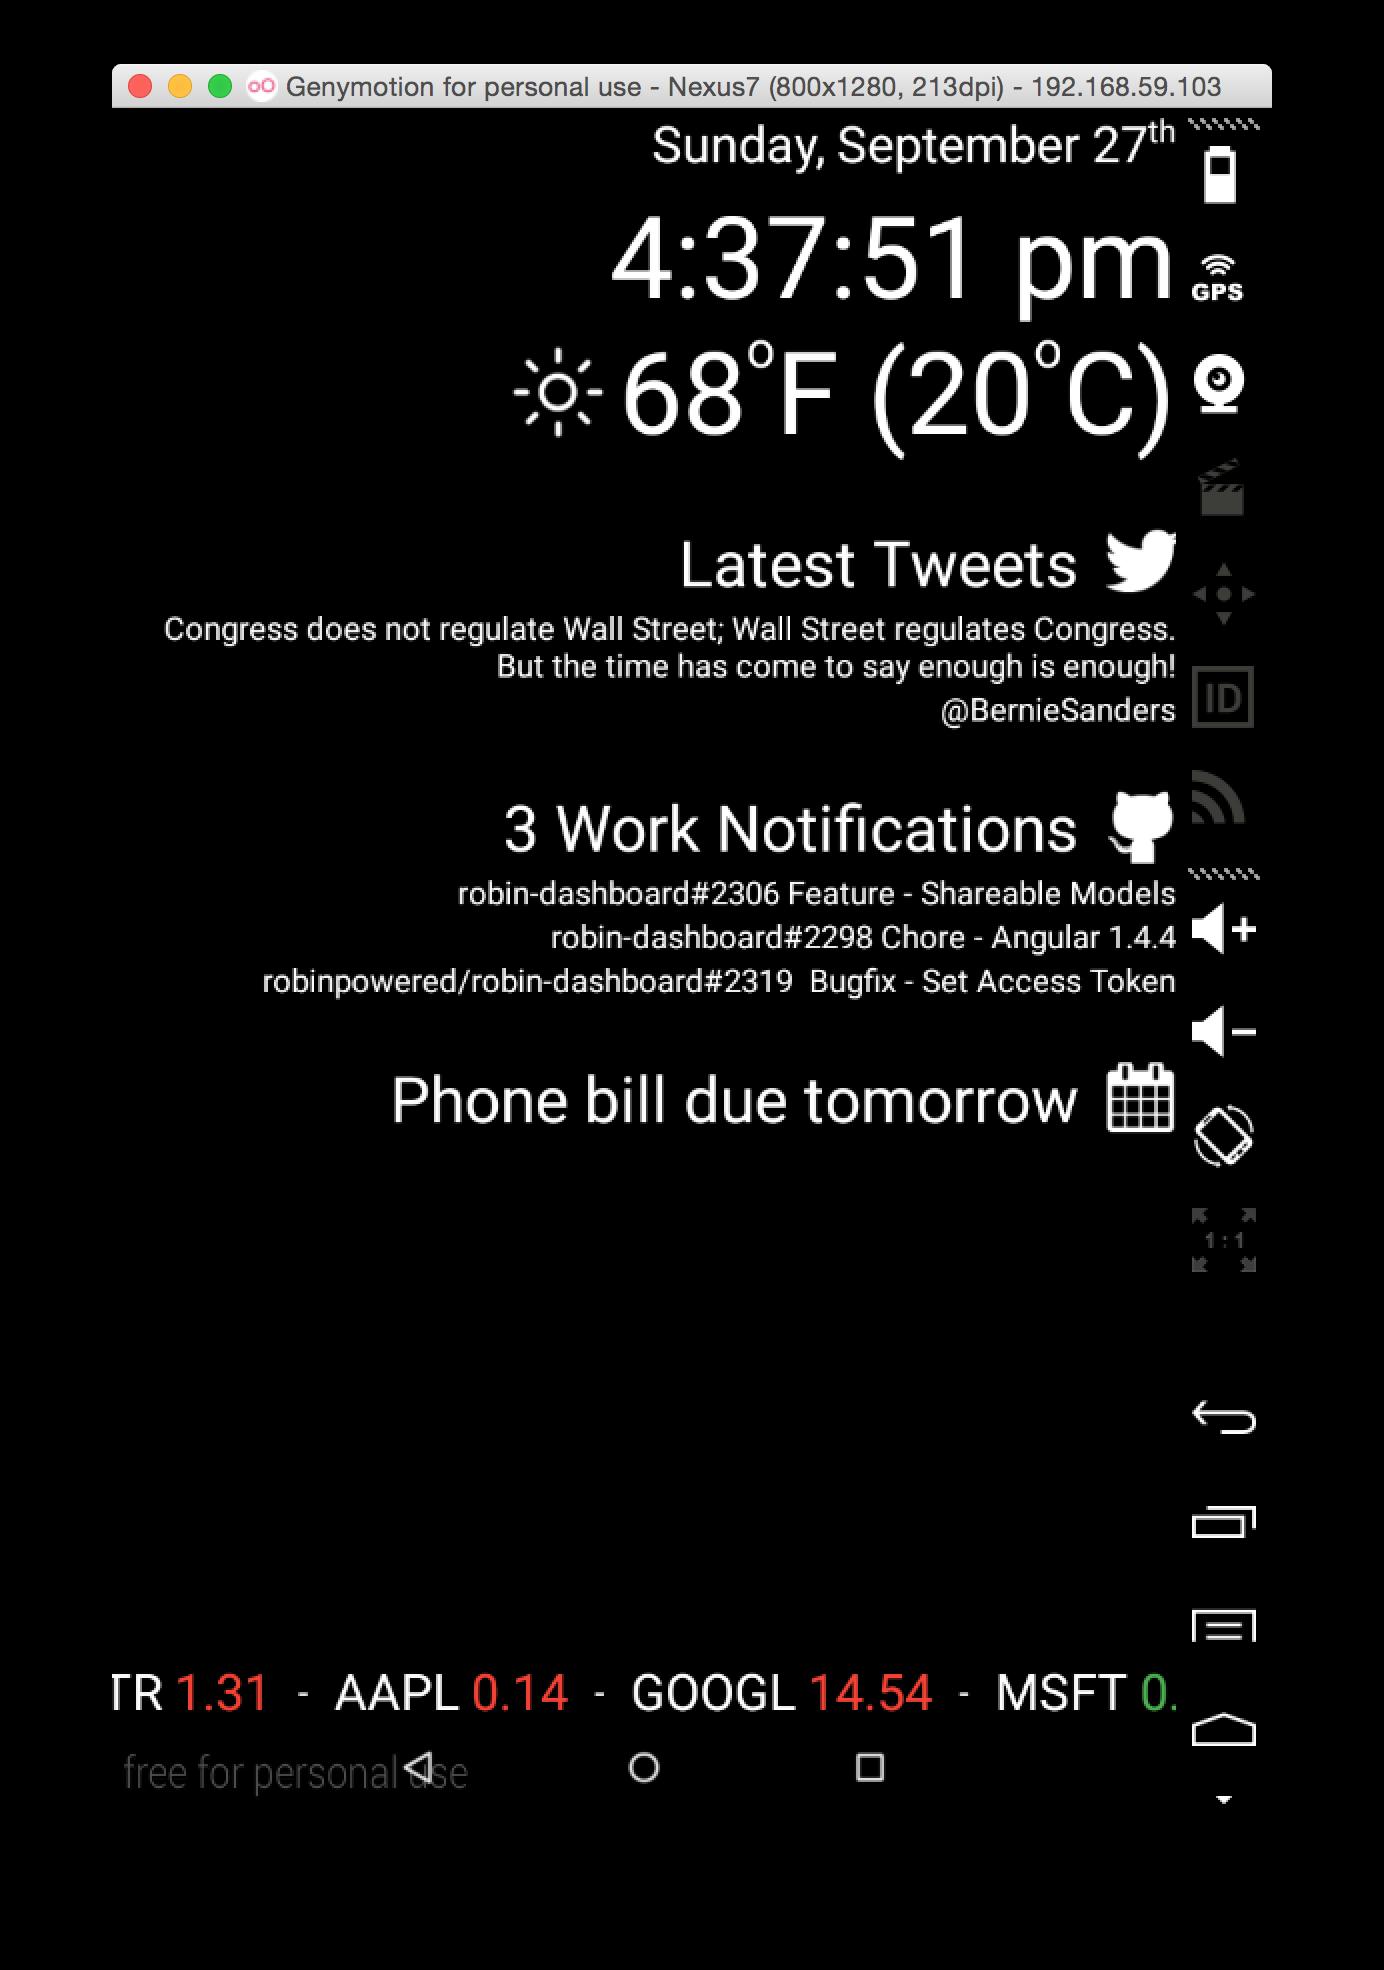 screen shot 2015-09-27 at 12 37 49 pm